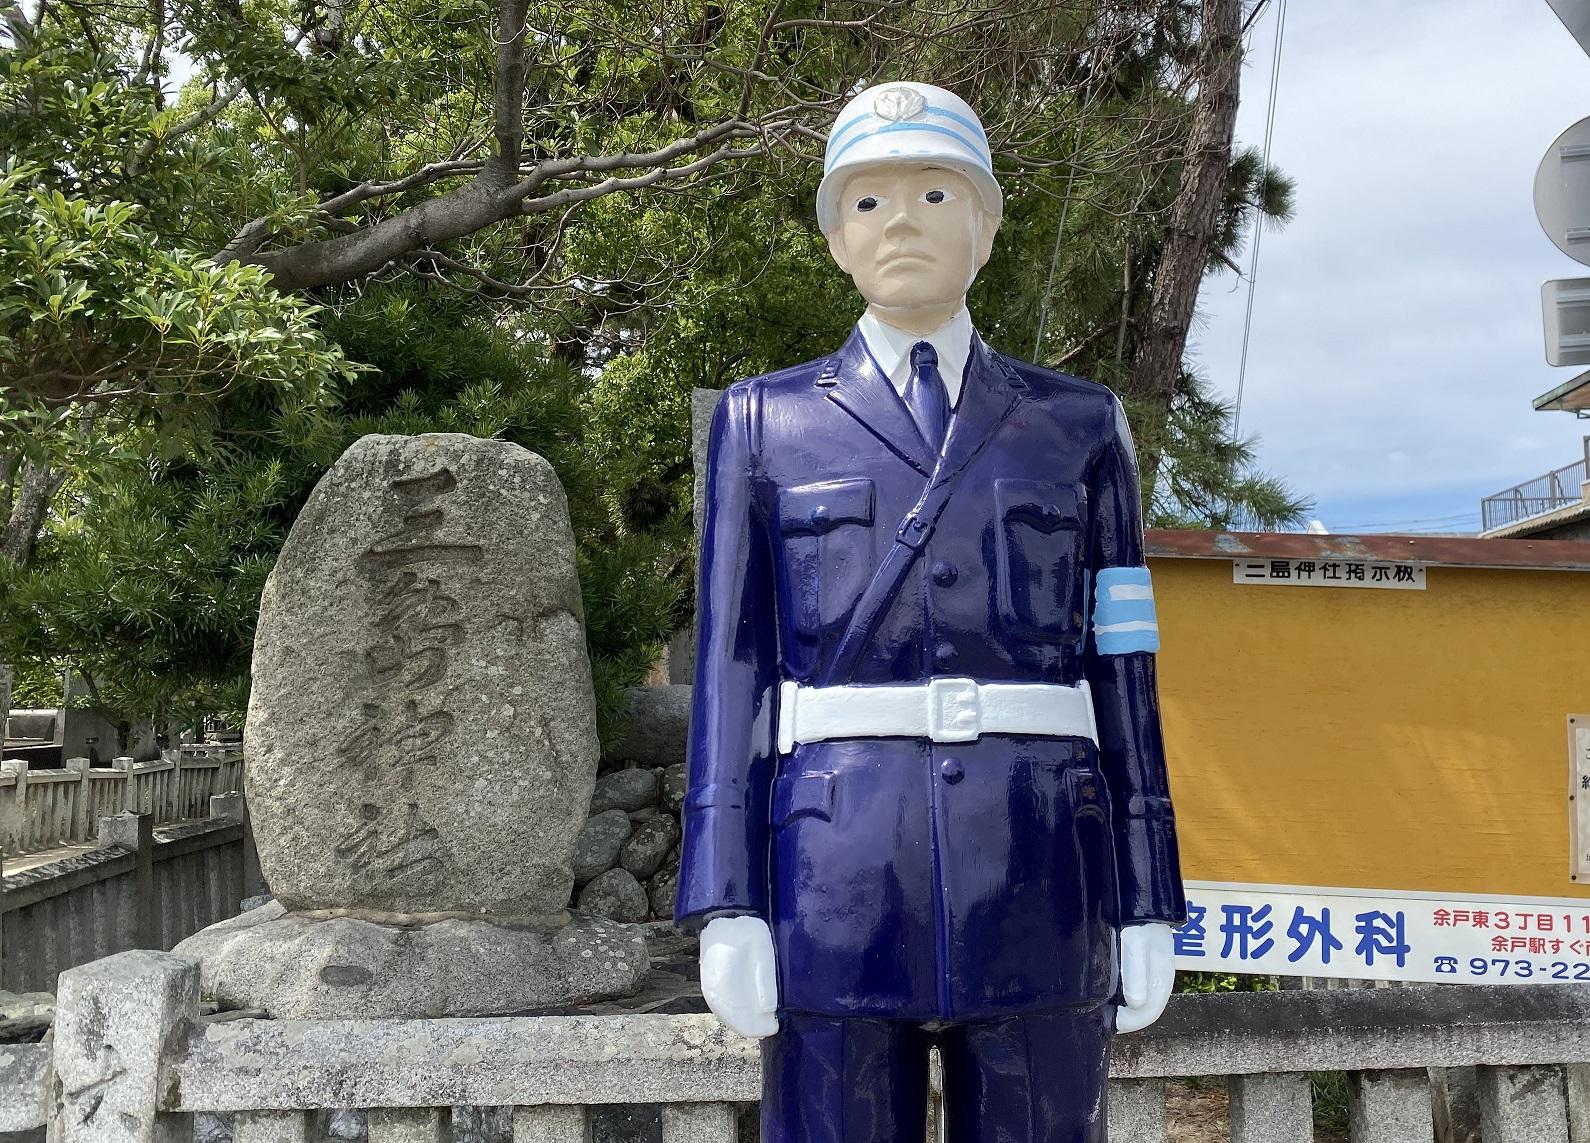 松山マネキン警察官